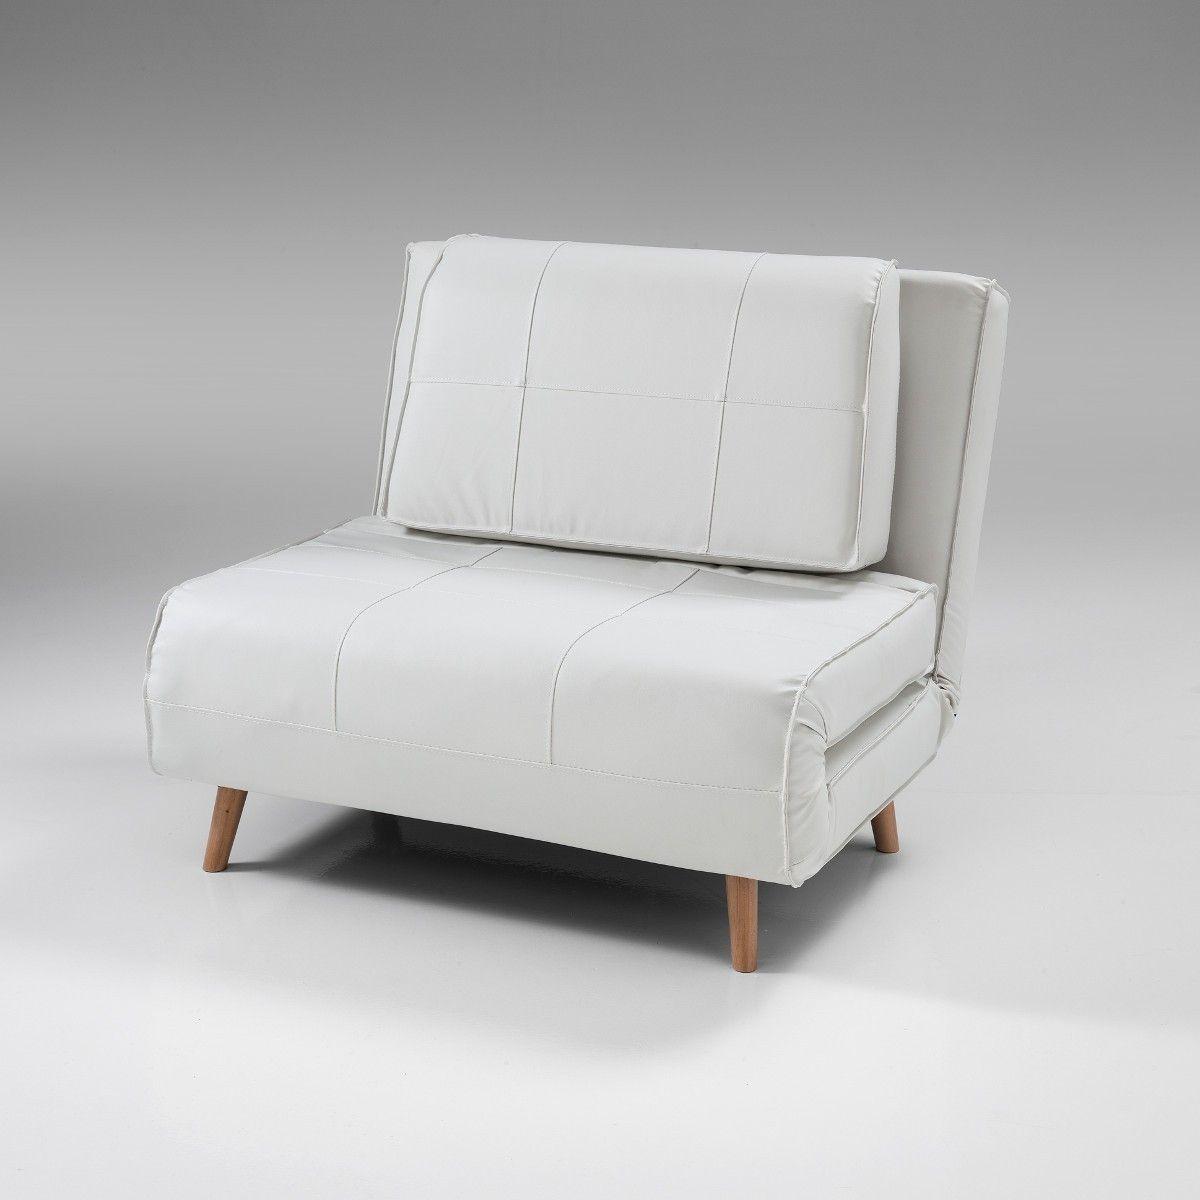 Poltrona+letto+Narumi+singola+convertibile+design+in+ecopelle+ ...